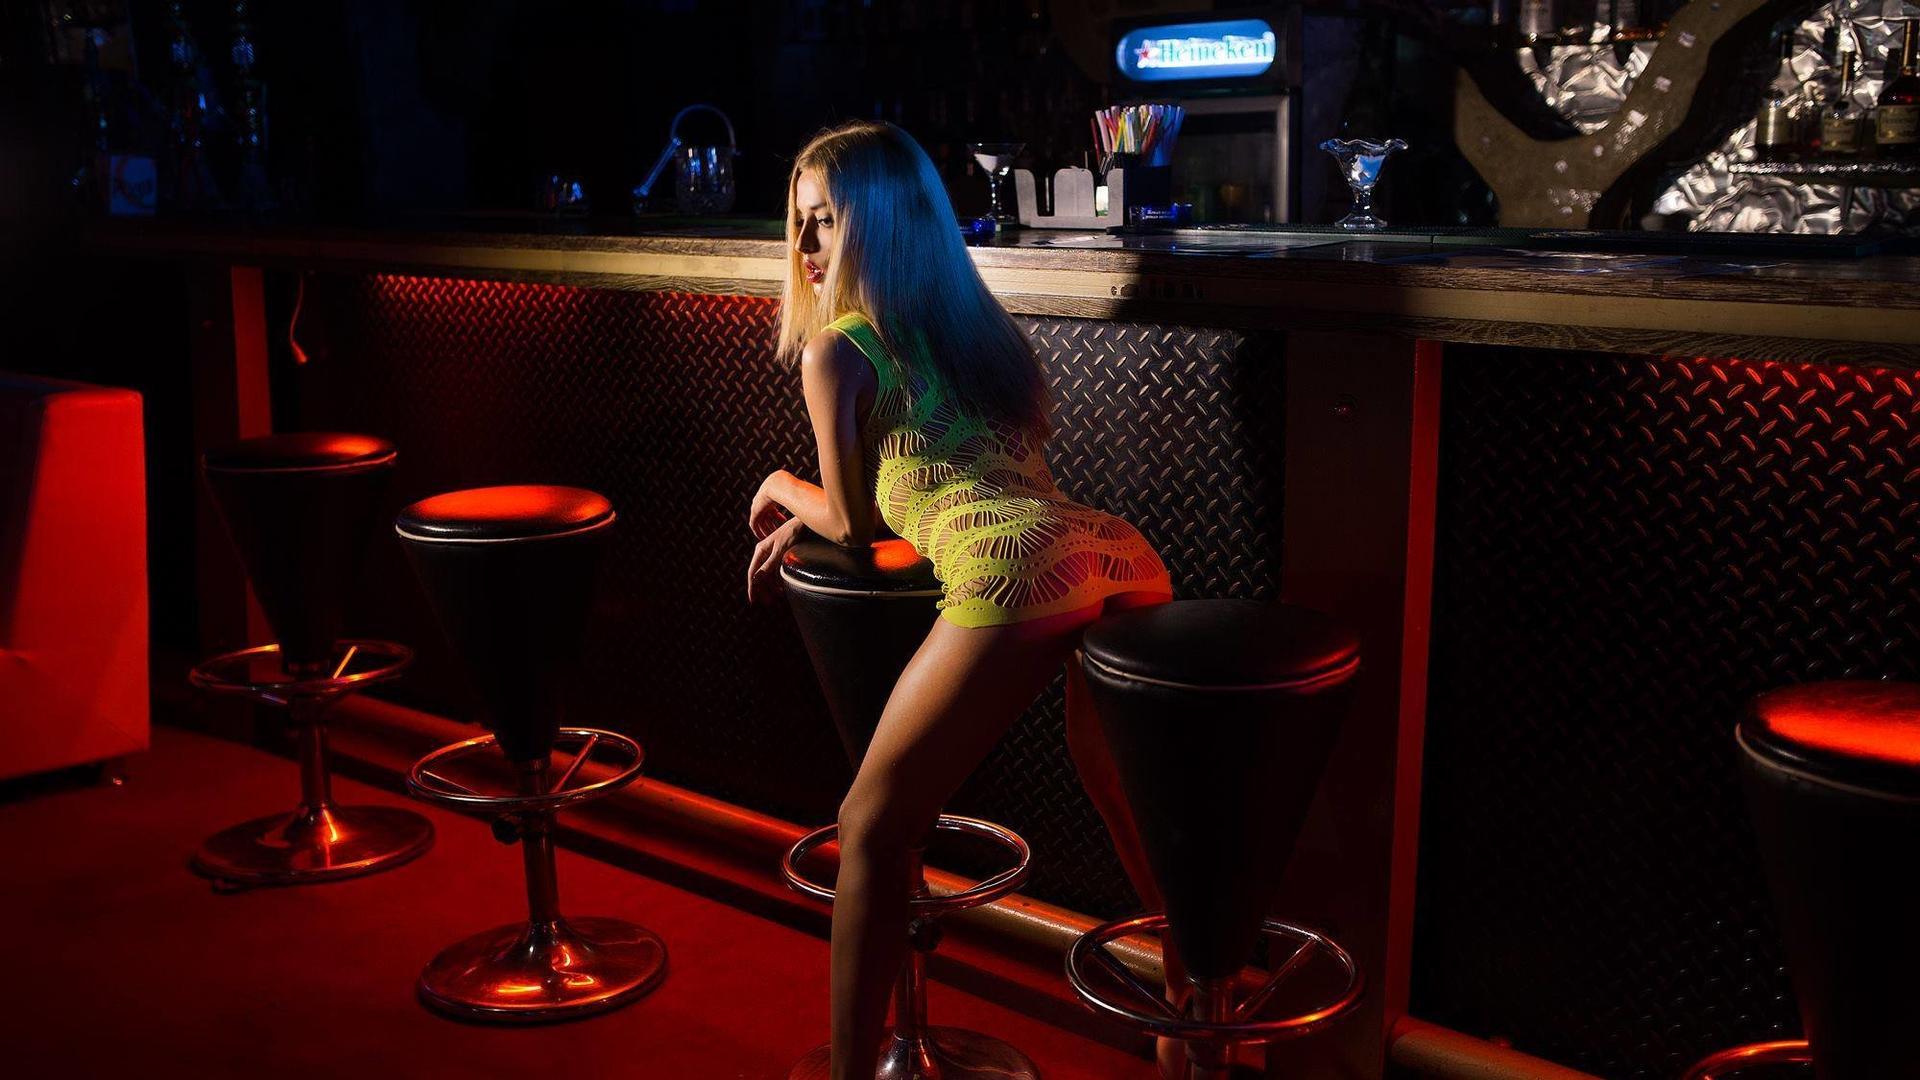 Секс на барной стойке в одессе фото разделяю